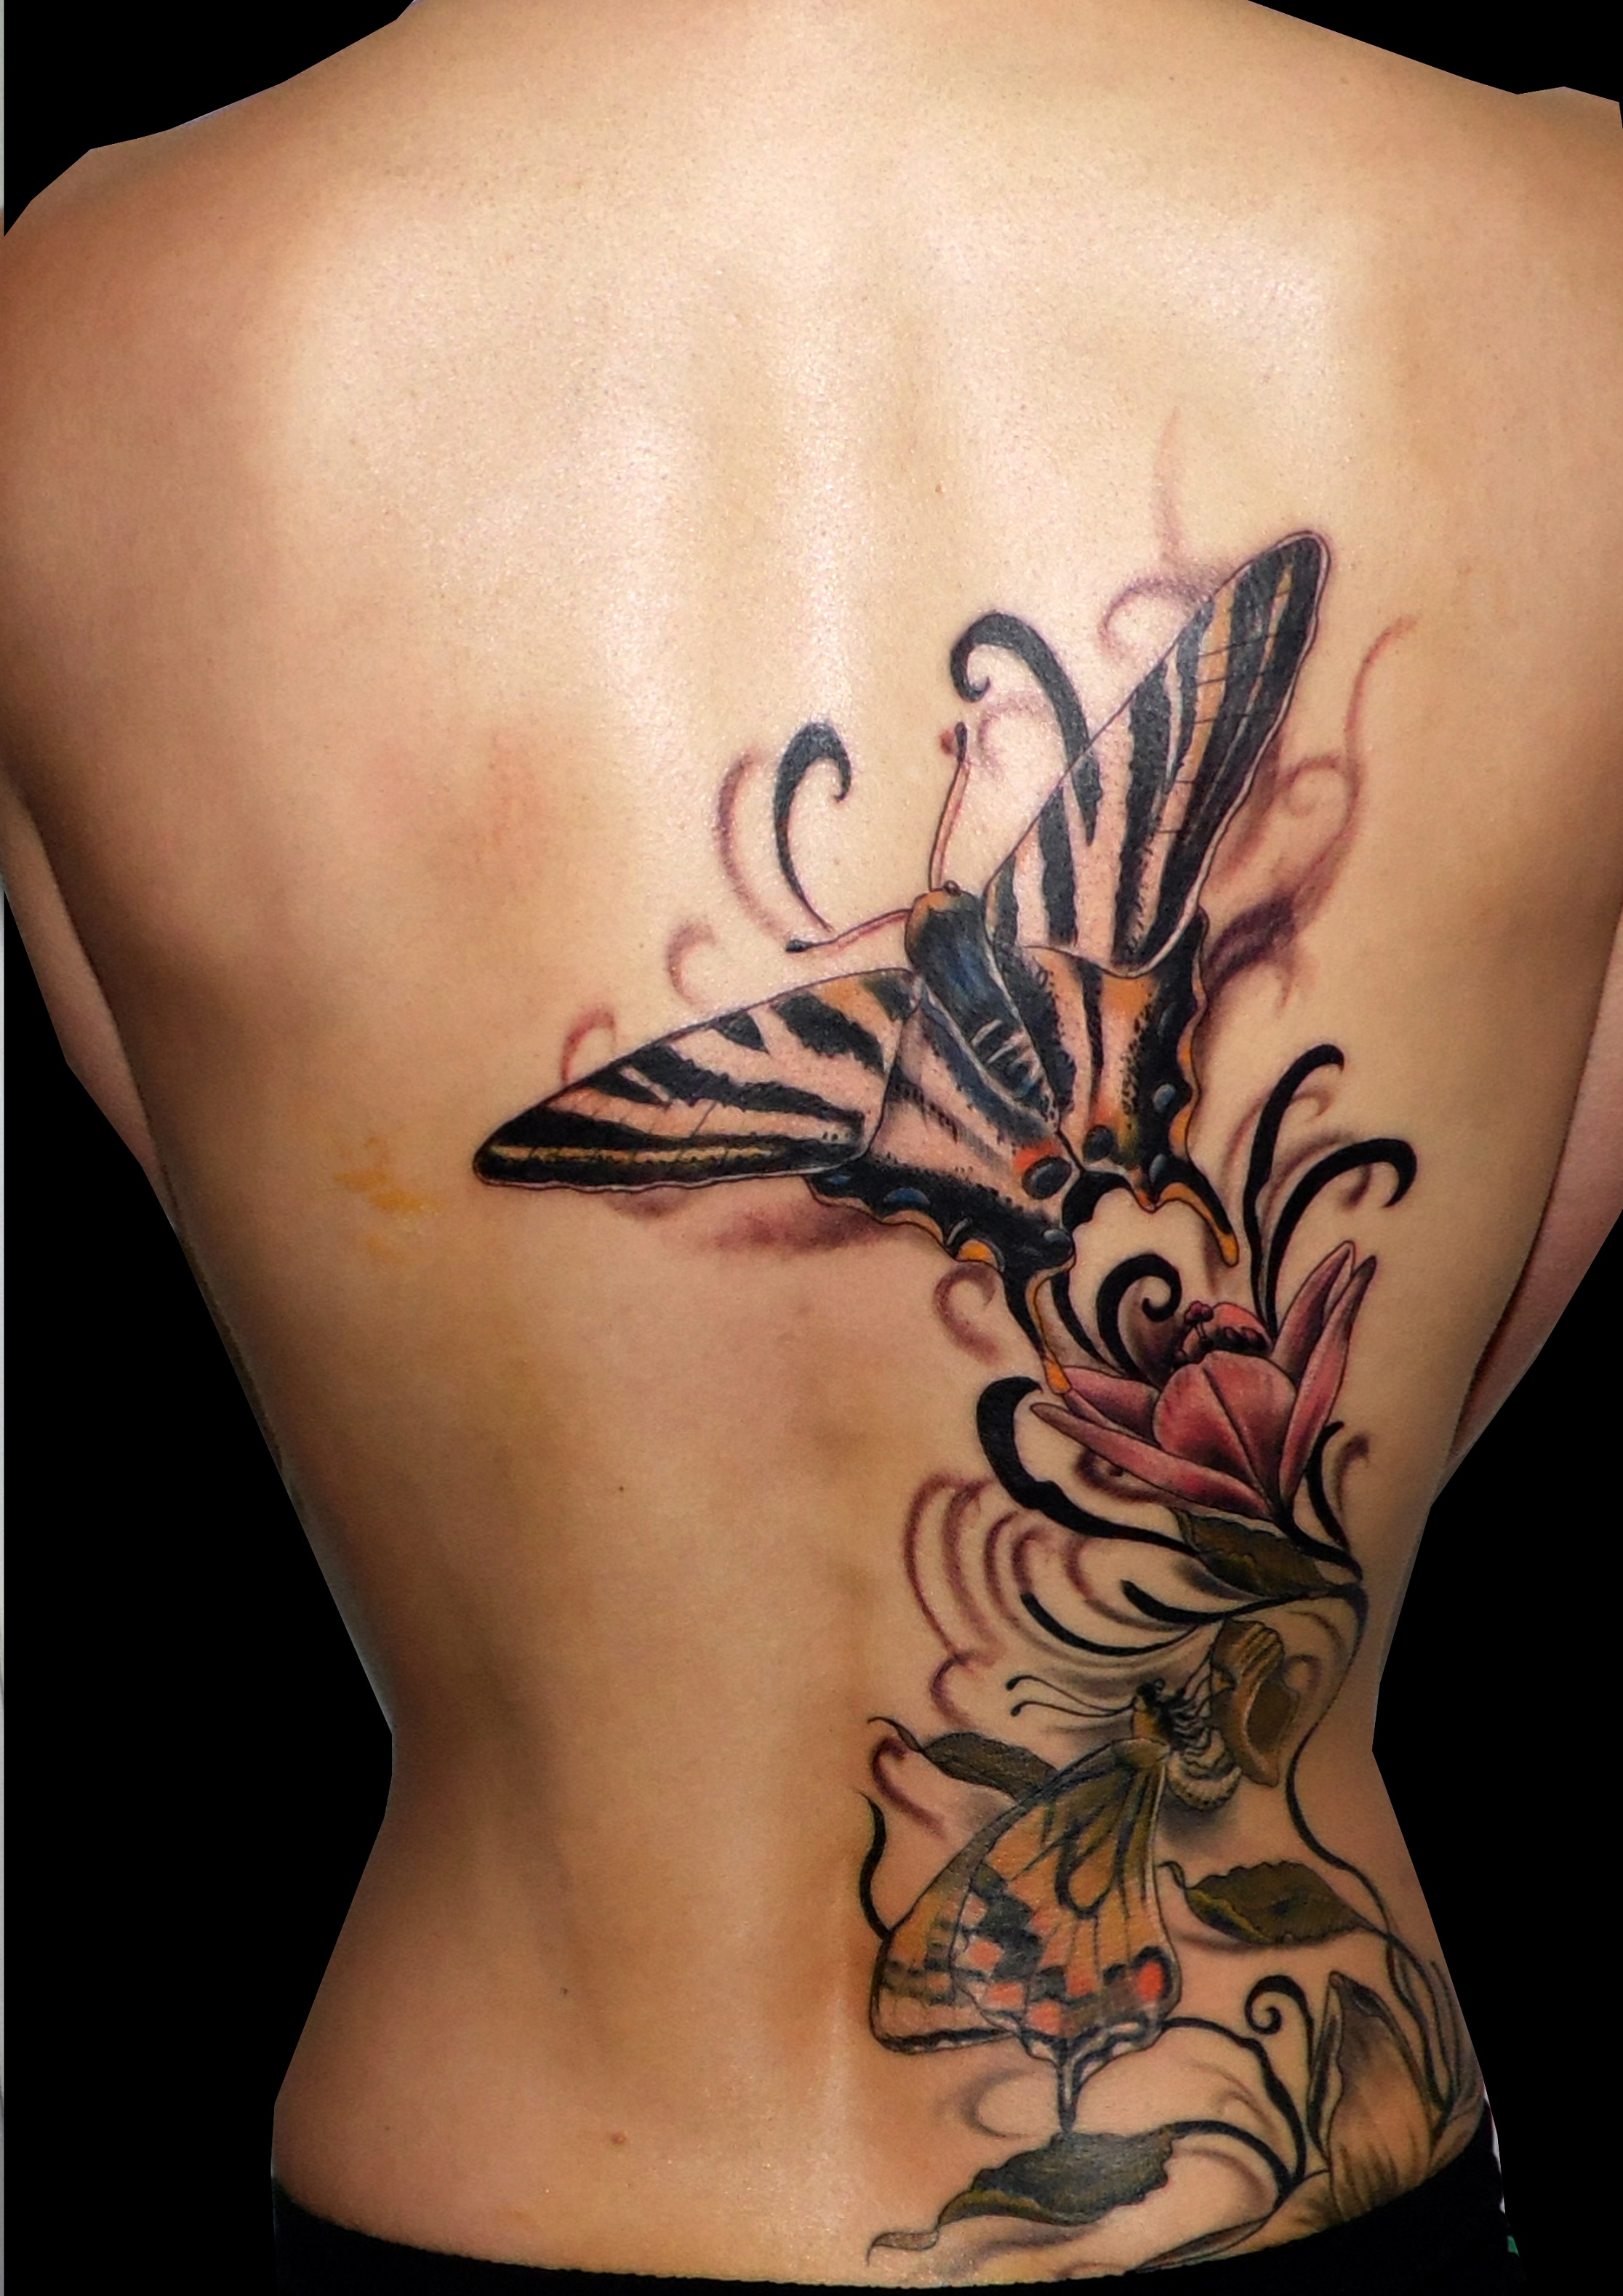 mariposas espalda flores trecedepicas 13depicas tattoo jaca huesca madein tatuajes españa spain color